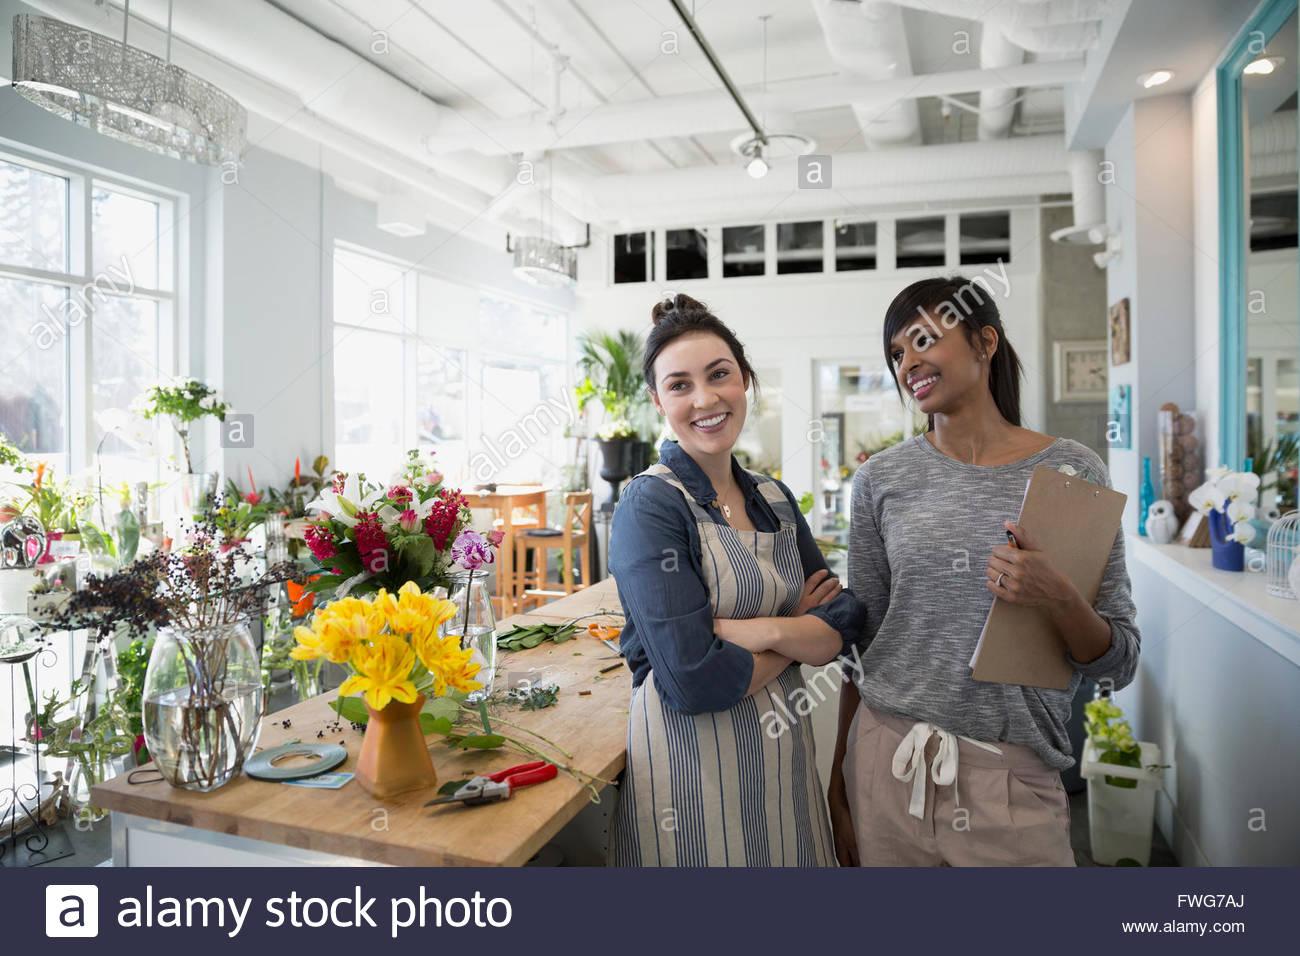 Fioristi sorridente nel negozio di fiori Immagini Stock